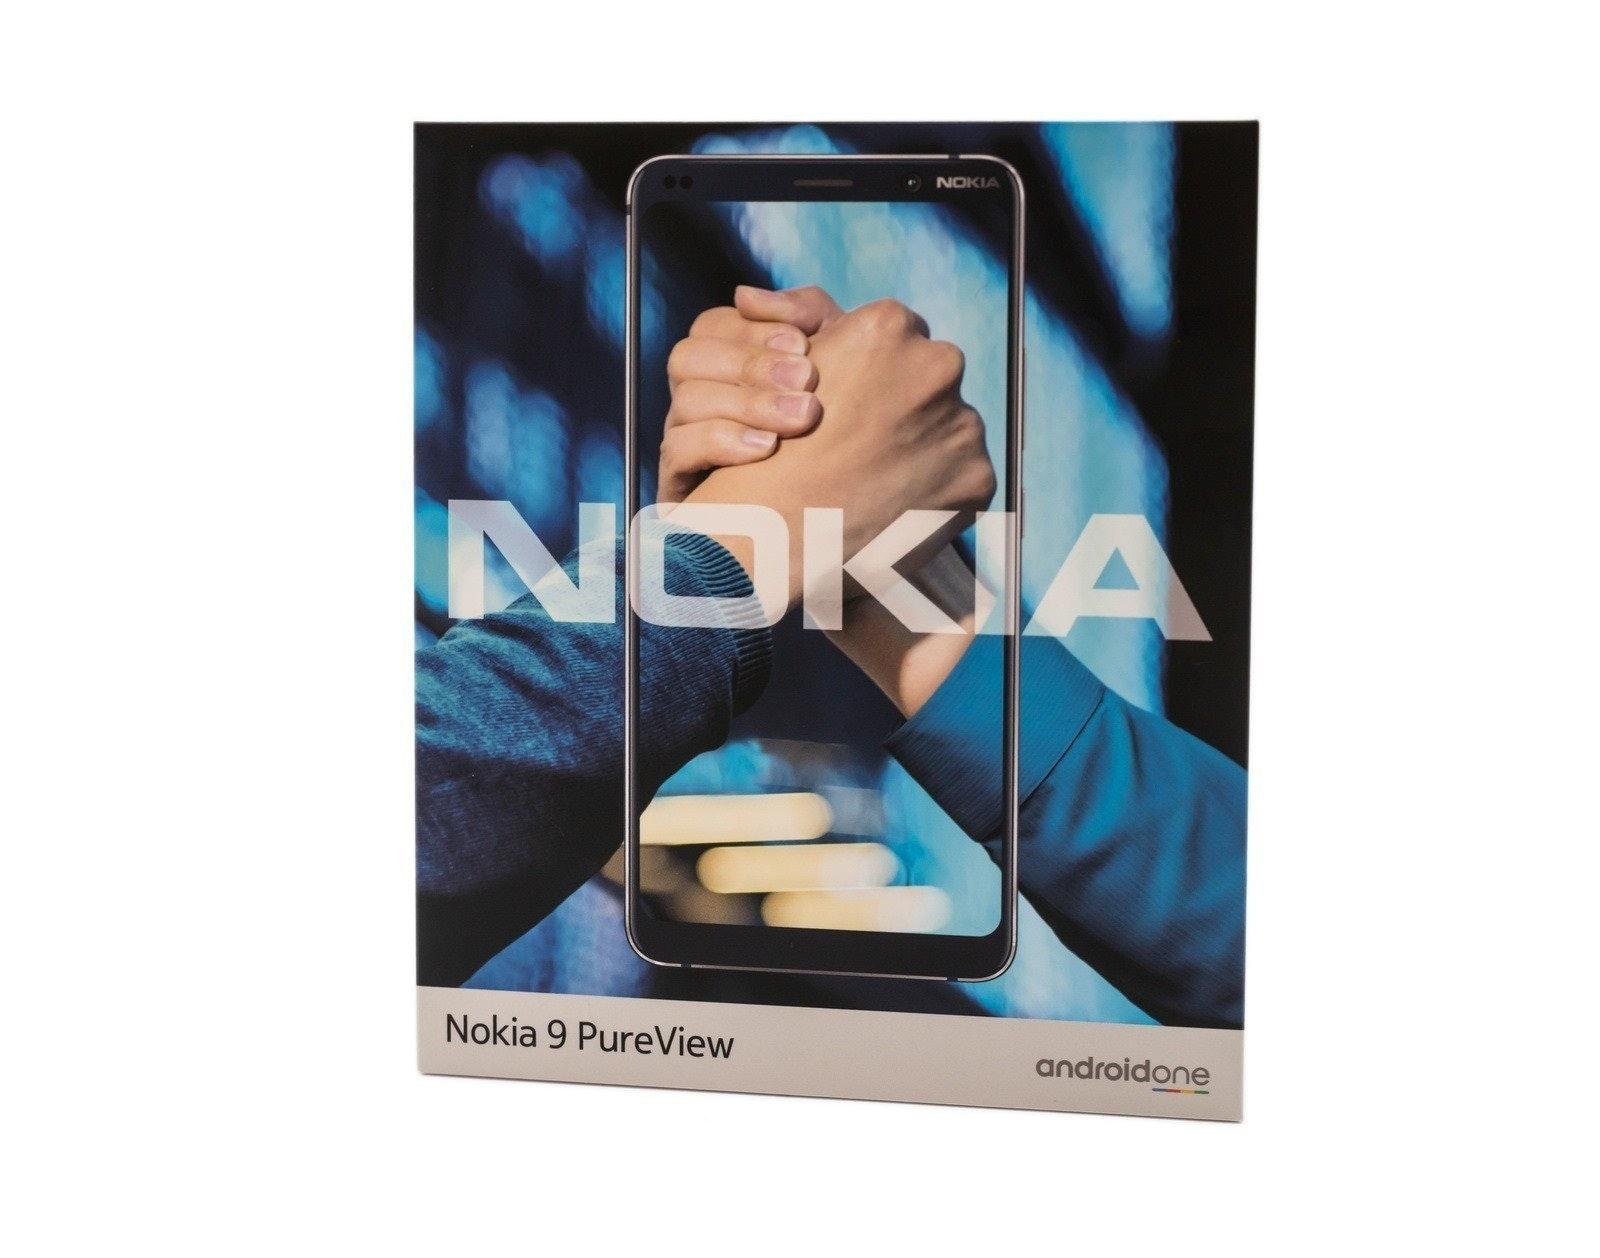 是除了五鏡頭之外性能電力如何?Nokia 9 PureView 台灣版性能電力測試這篇文章的首圖